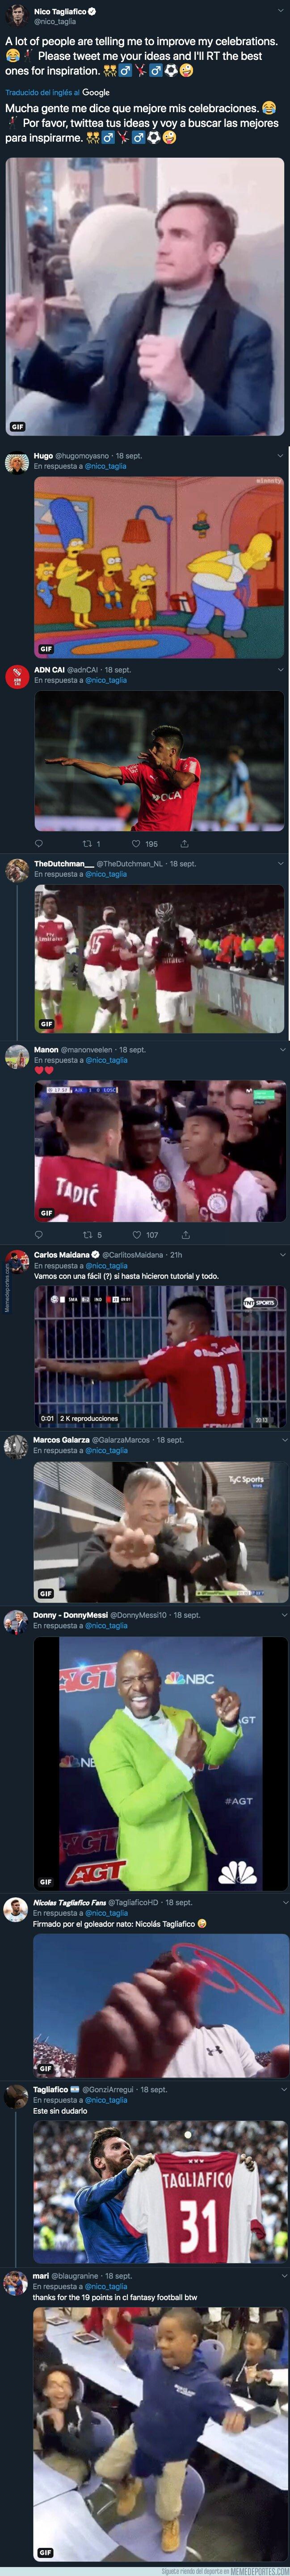 1086278 - Nicolás Tagliafico pide nuevas ideas para celebrar sus goles y le están llegando respuestas totalmente épicas